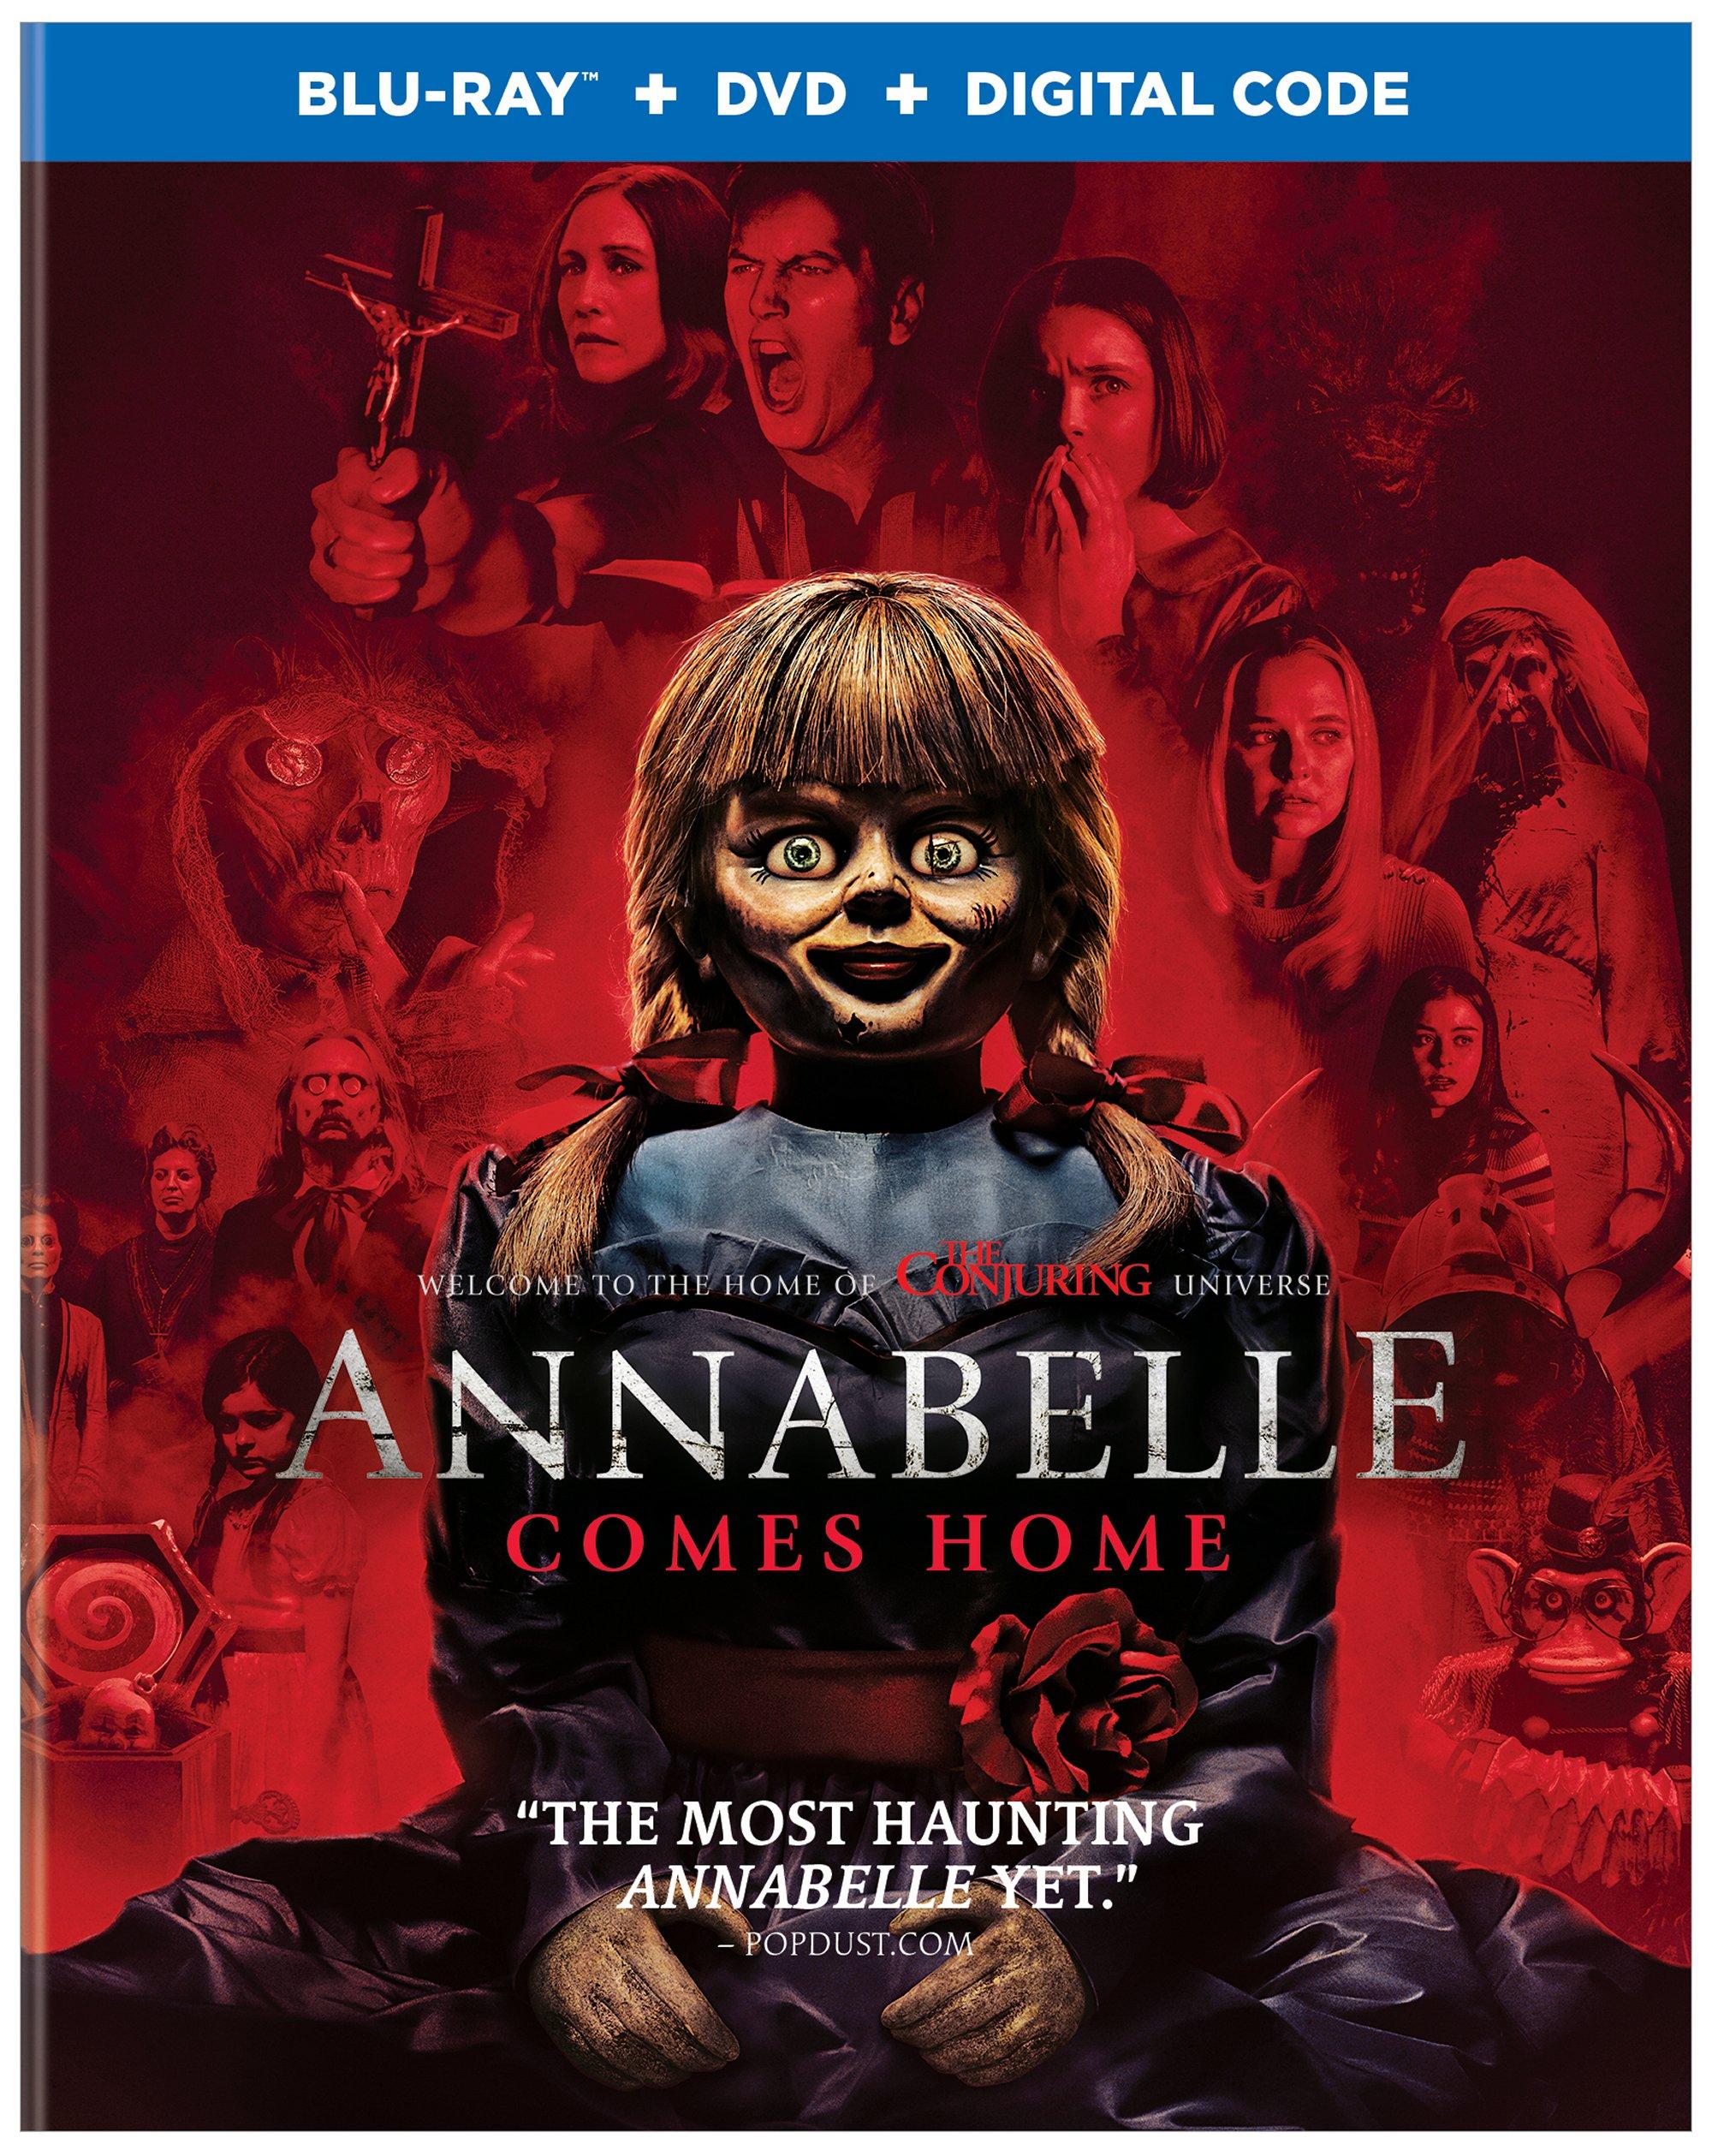 ผลการค้นหารูปภาพสำหรับ فیلم annabelle comes home 2019